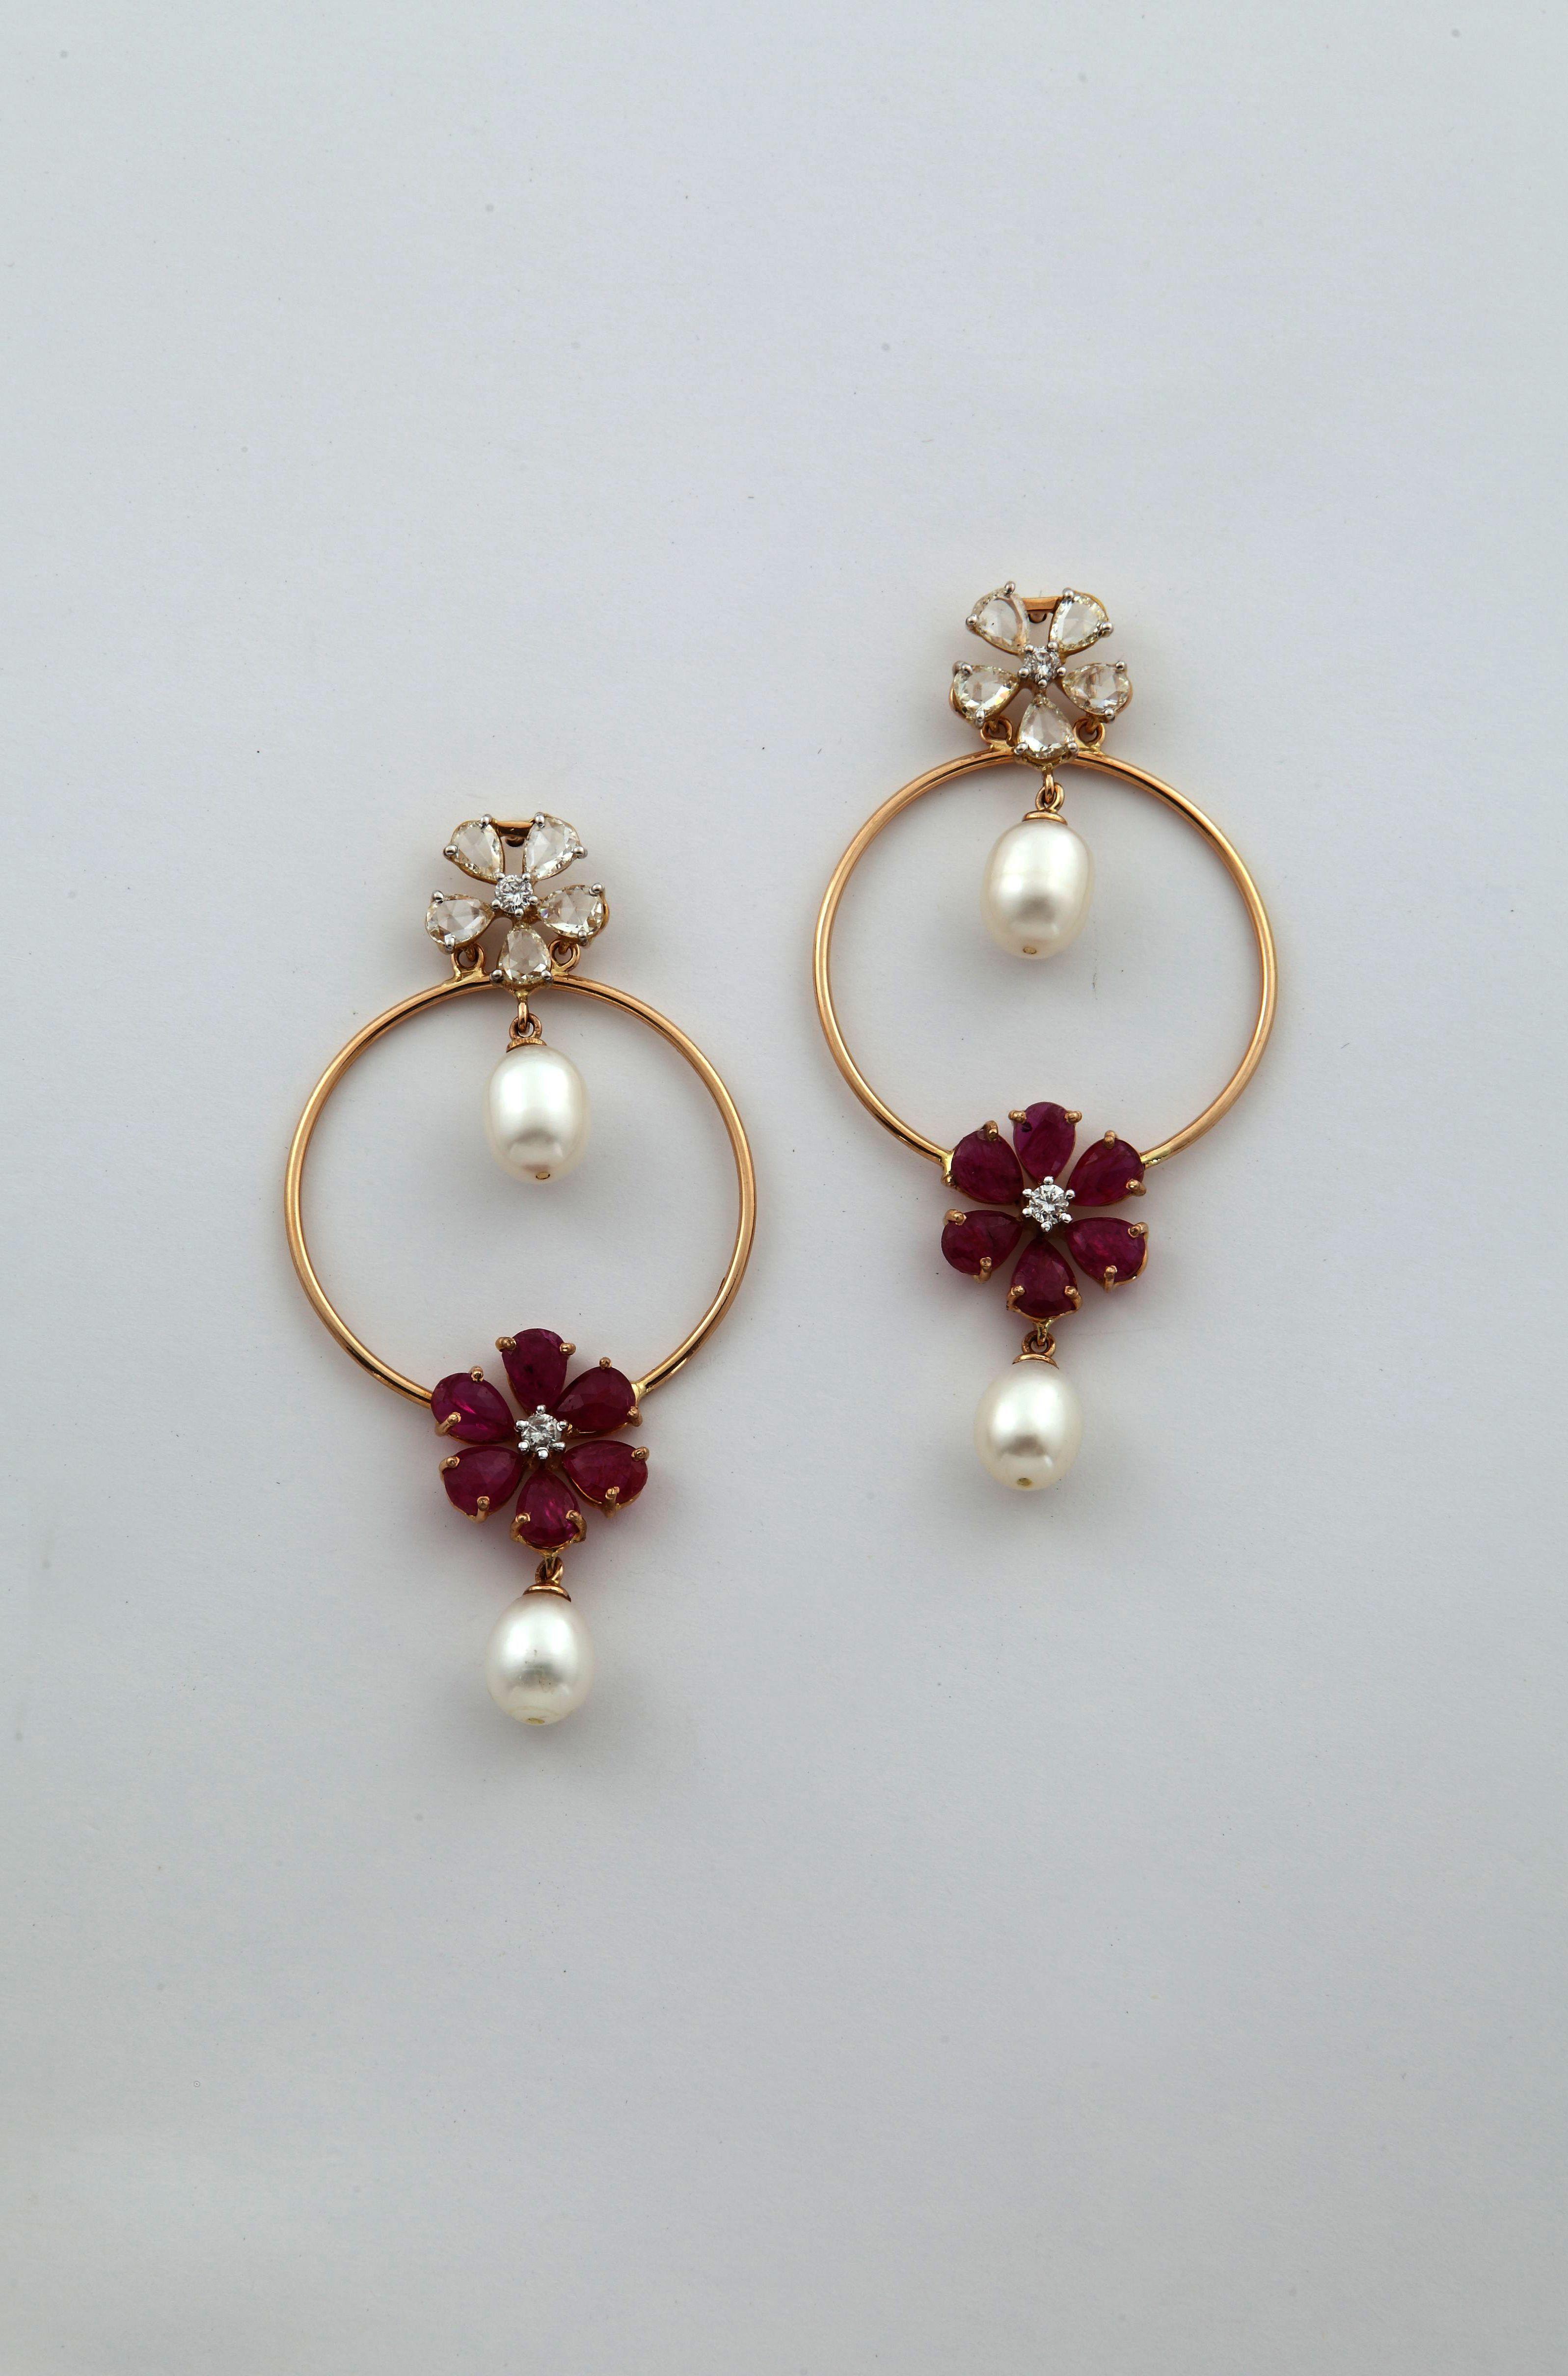 Jewellery Organizer In Pakistan & Tiffany Pearl Earrings